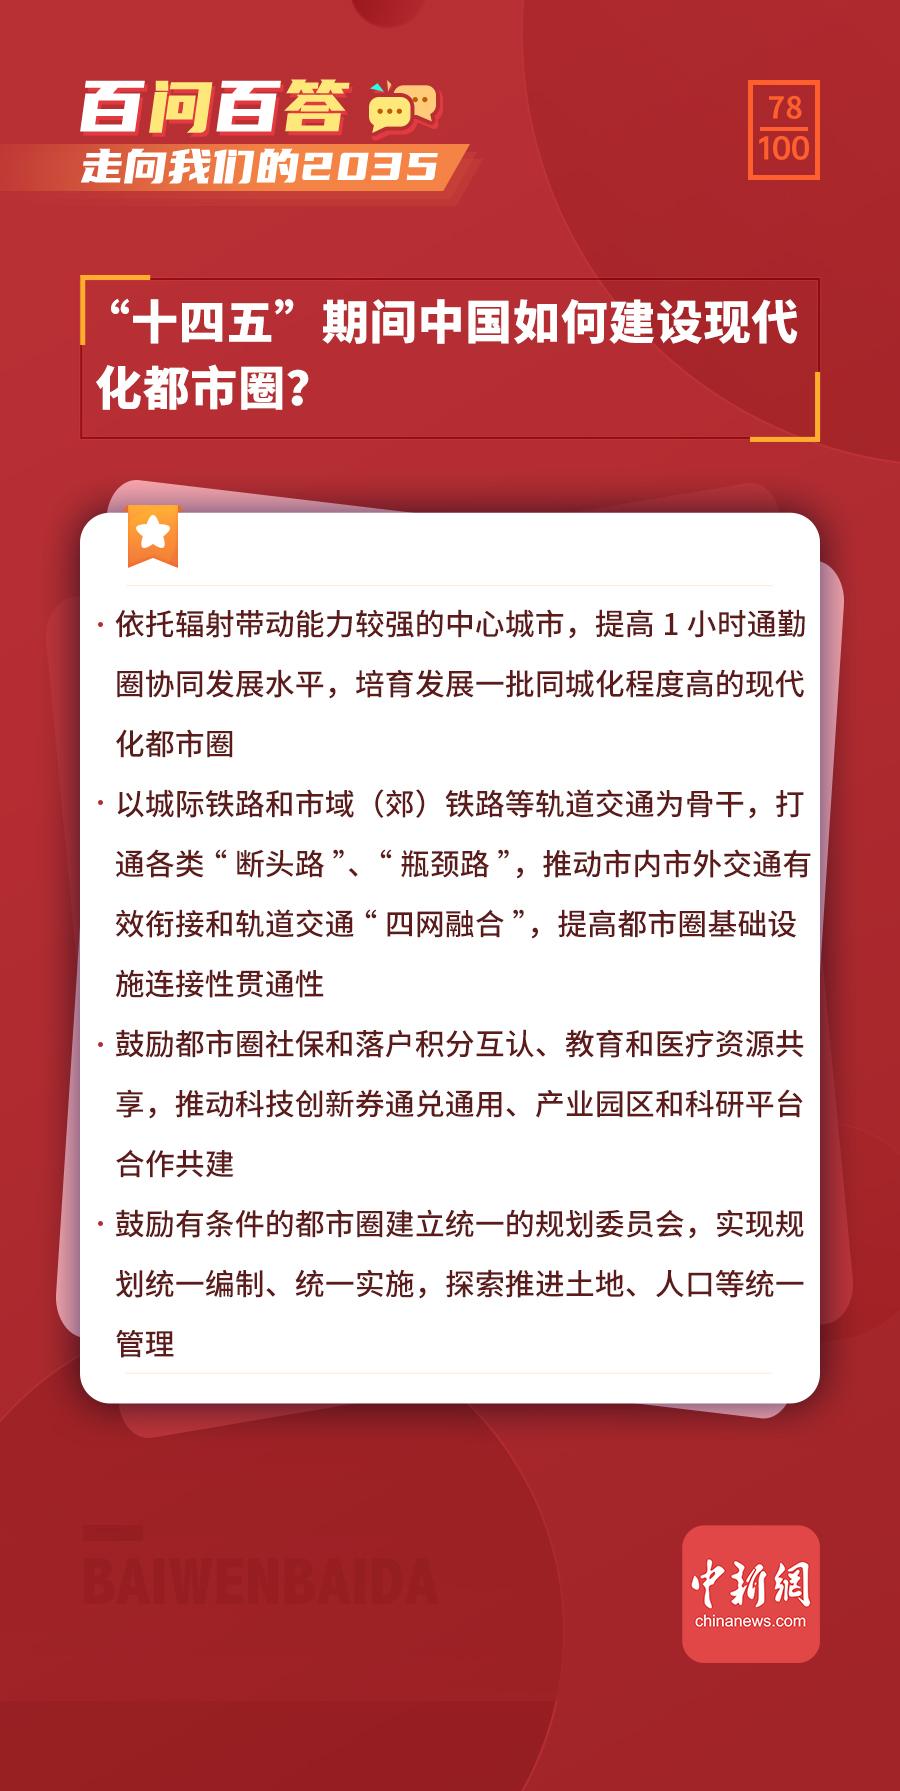 """【走向我们的2035·百问百答】""""十四五""""期间中国如何建设现代化都市圈?"""